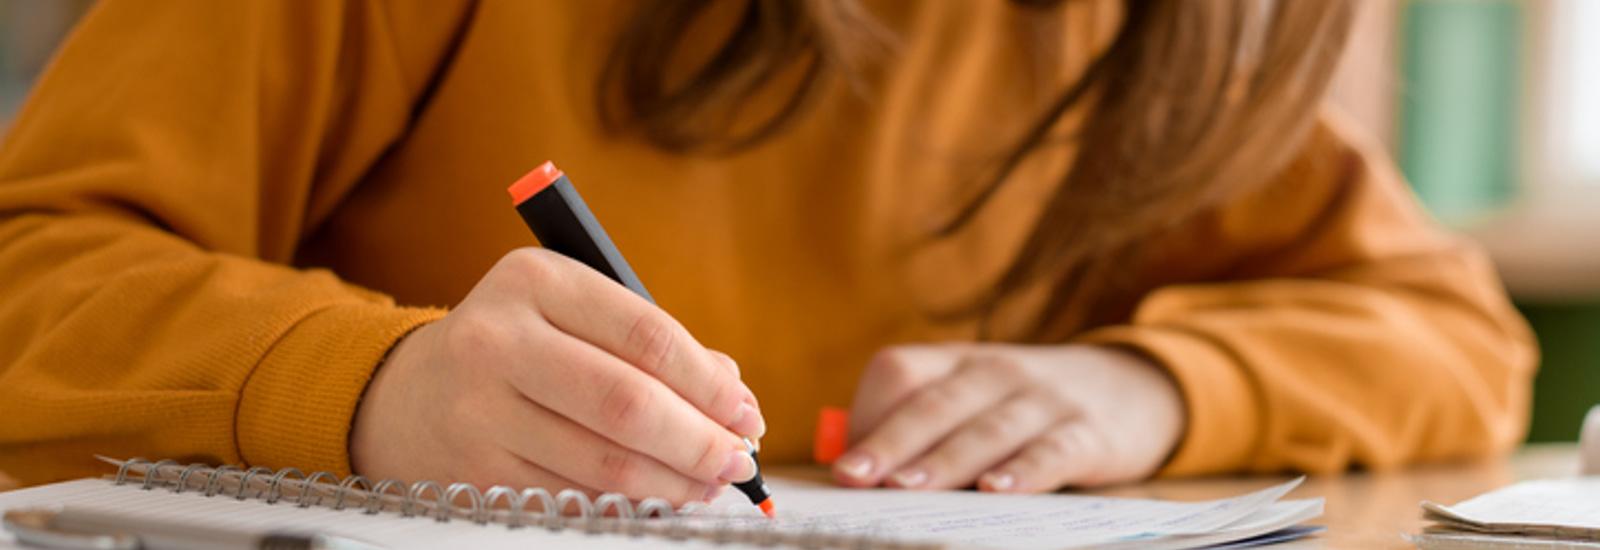 eindexamens supplementen